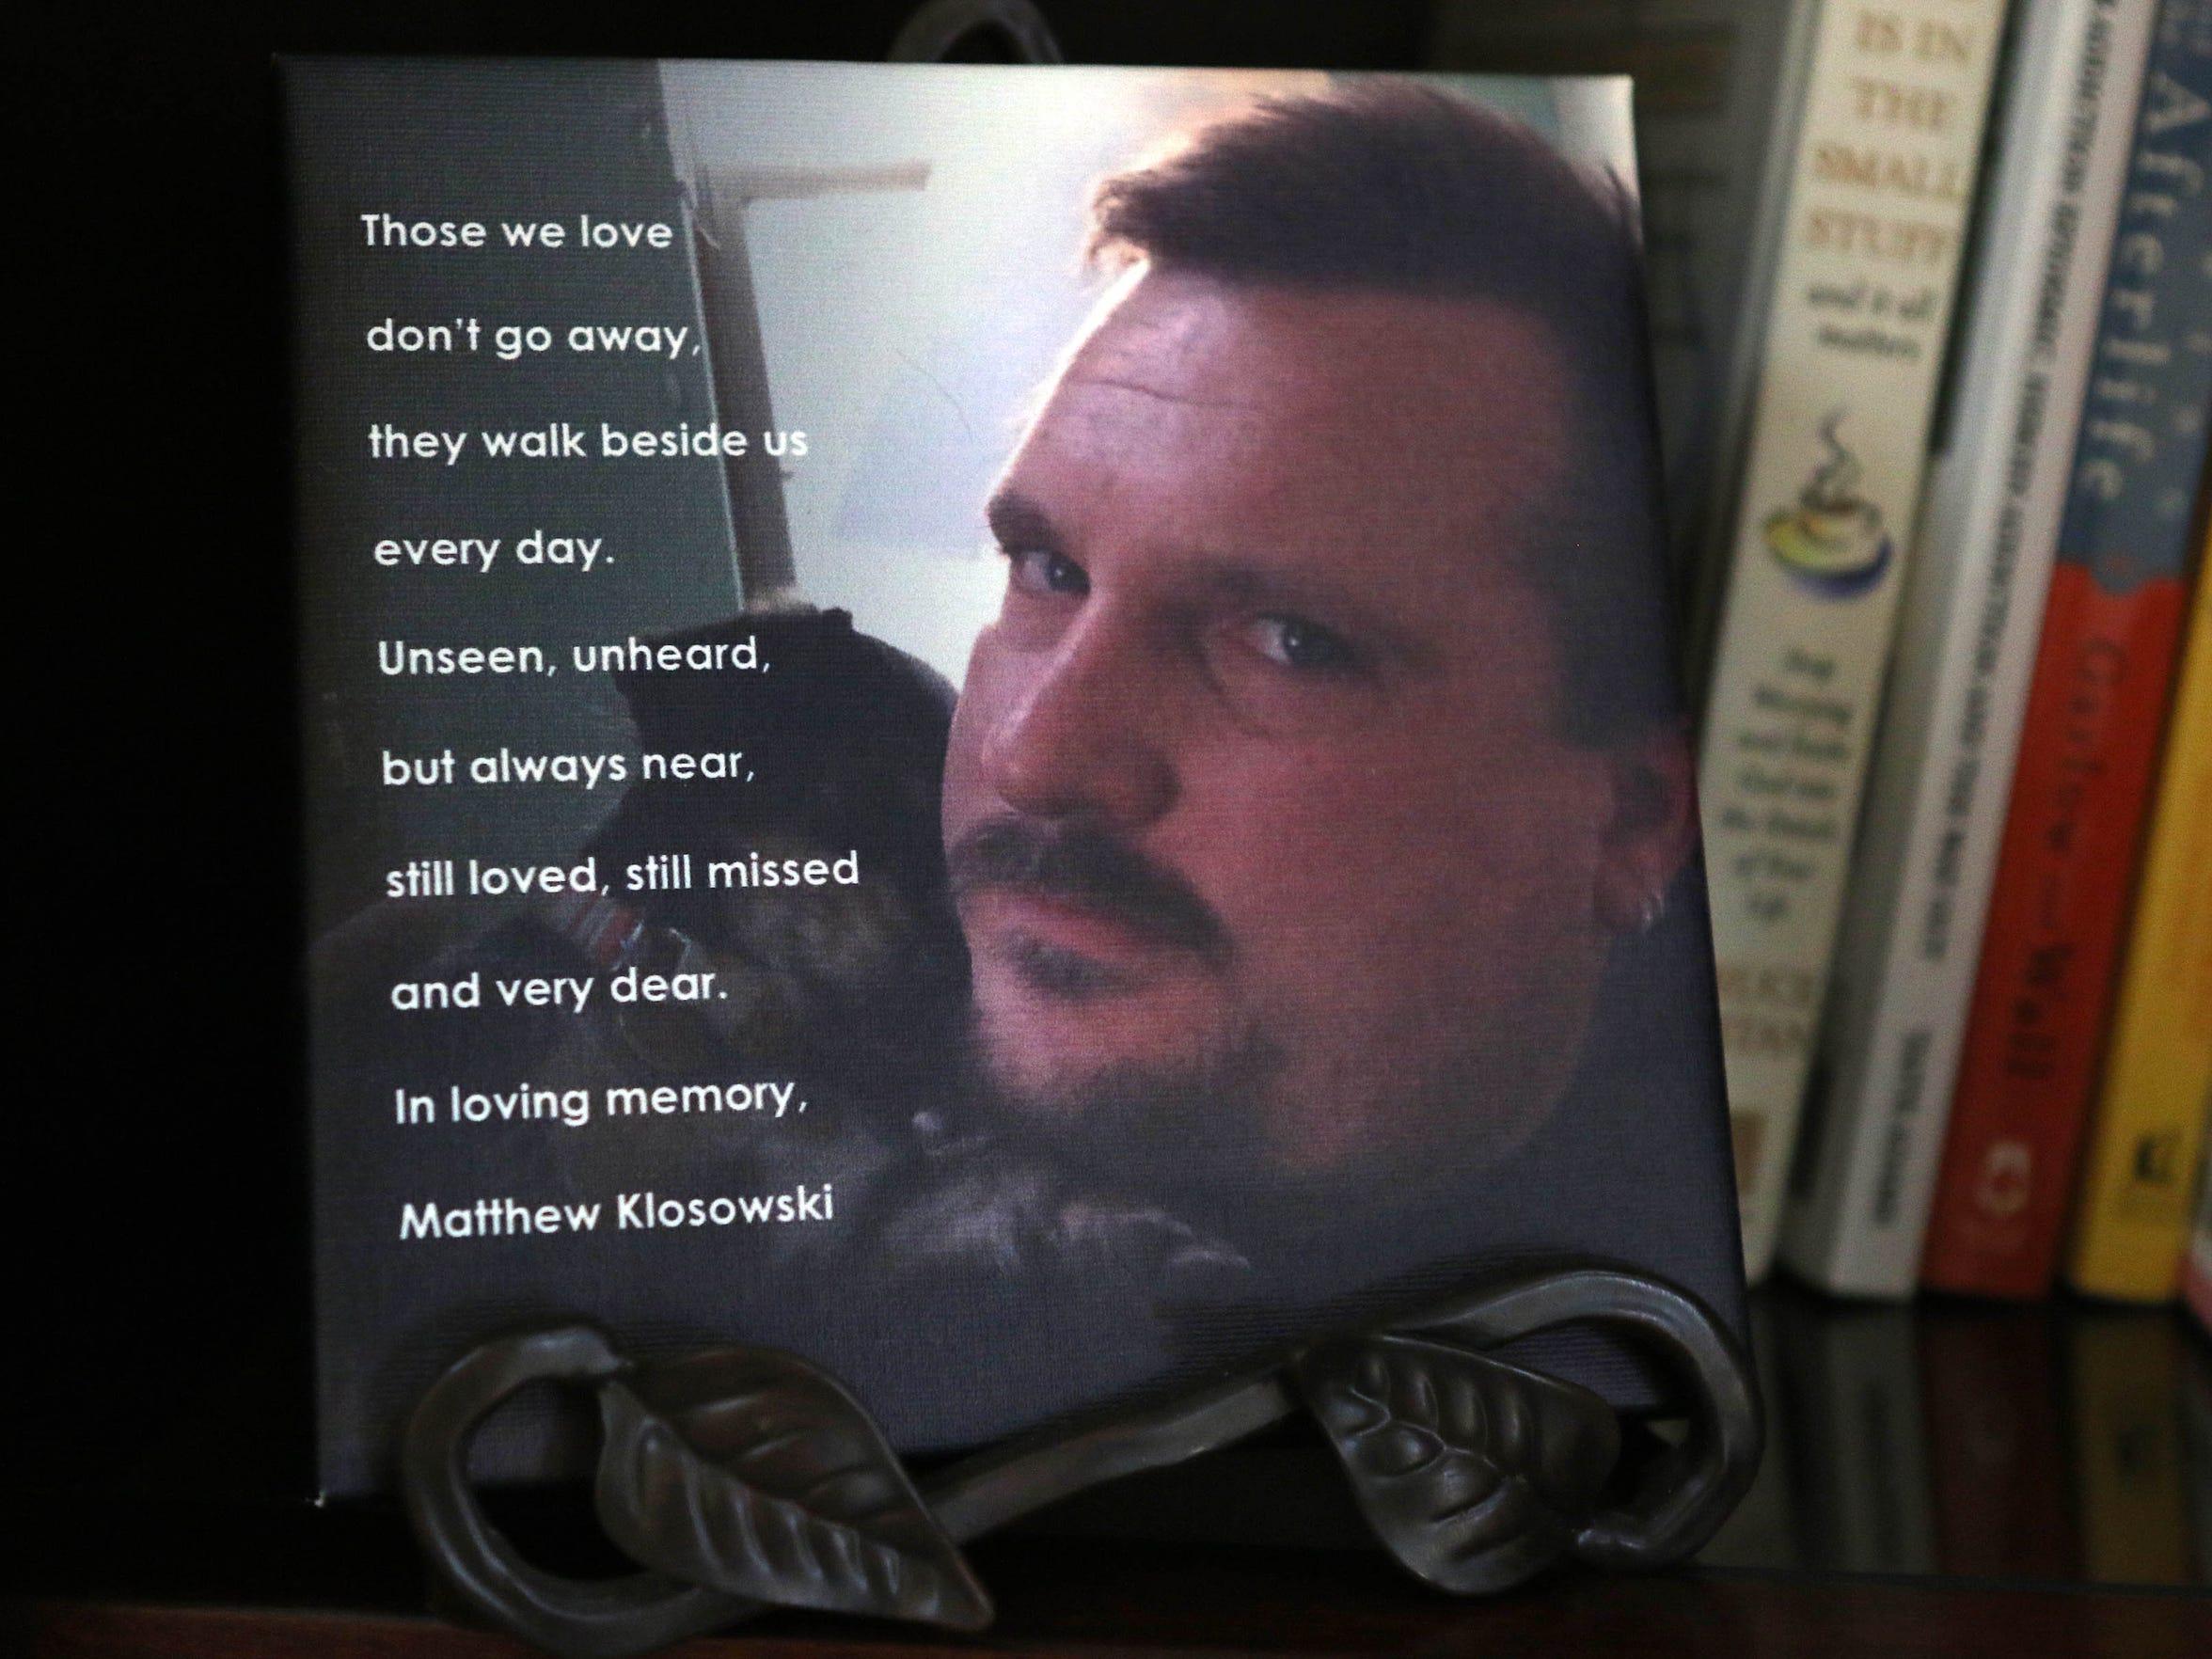 Matt Klosowski overdosed from opiate drugs in January